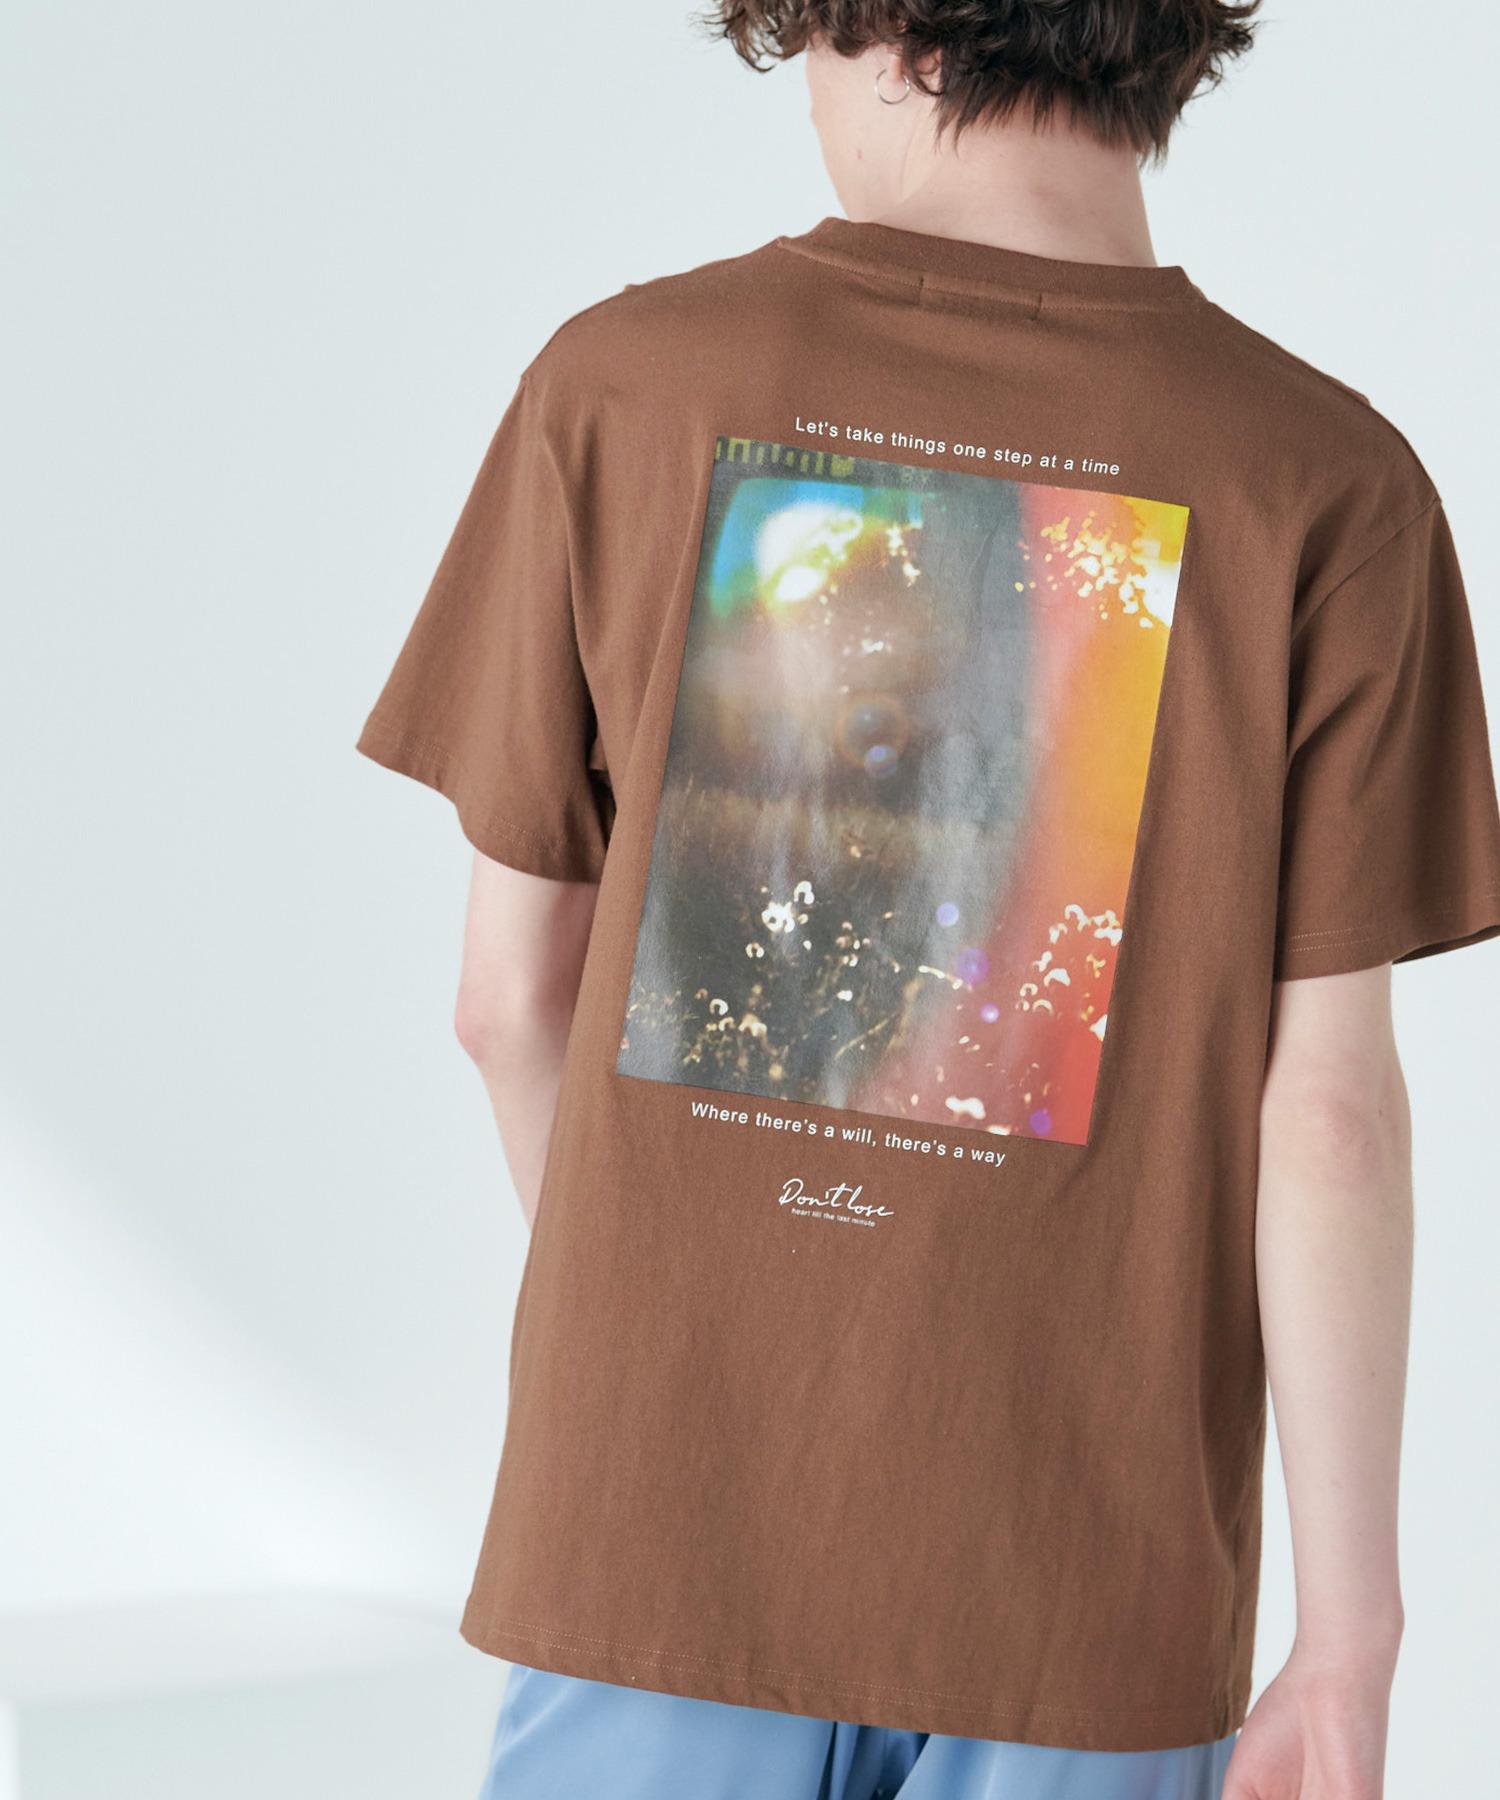 別注プリントART 半袖 Tシャツ/ビッグシルエット アートプリントカットソー/グラフィック カットソー/GIRL WITH A PEARL EARING/VINCENT WILLEM VAN GOGH/THE LAST SUPPER